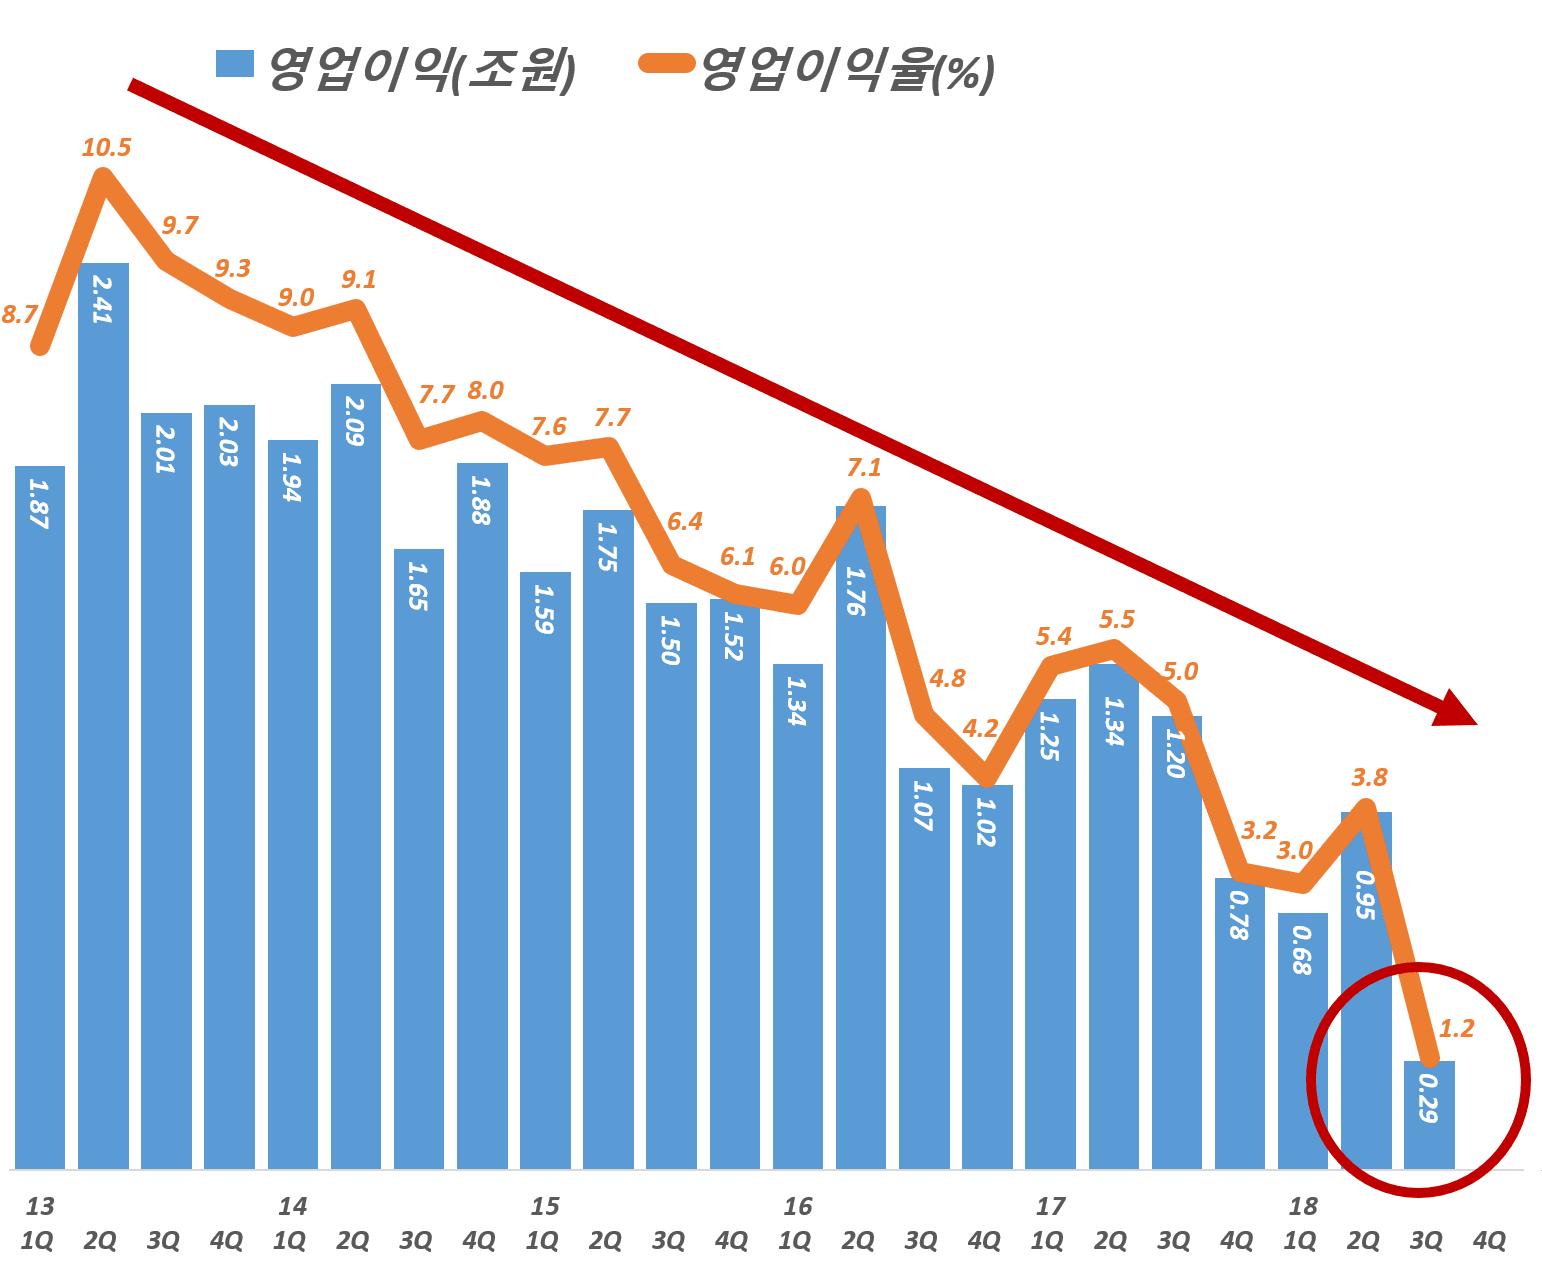 현대자동차 분기병 영업이익 및 영업이익율 추이, Graph by Happist